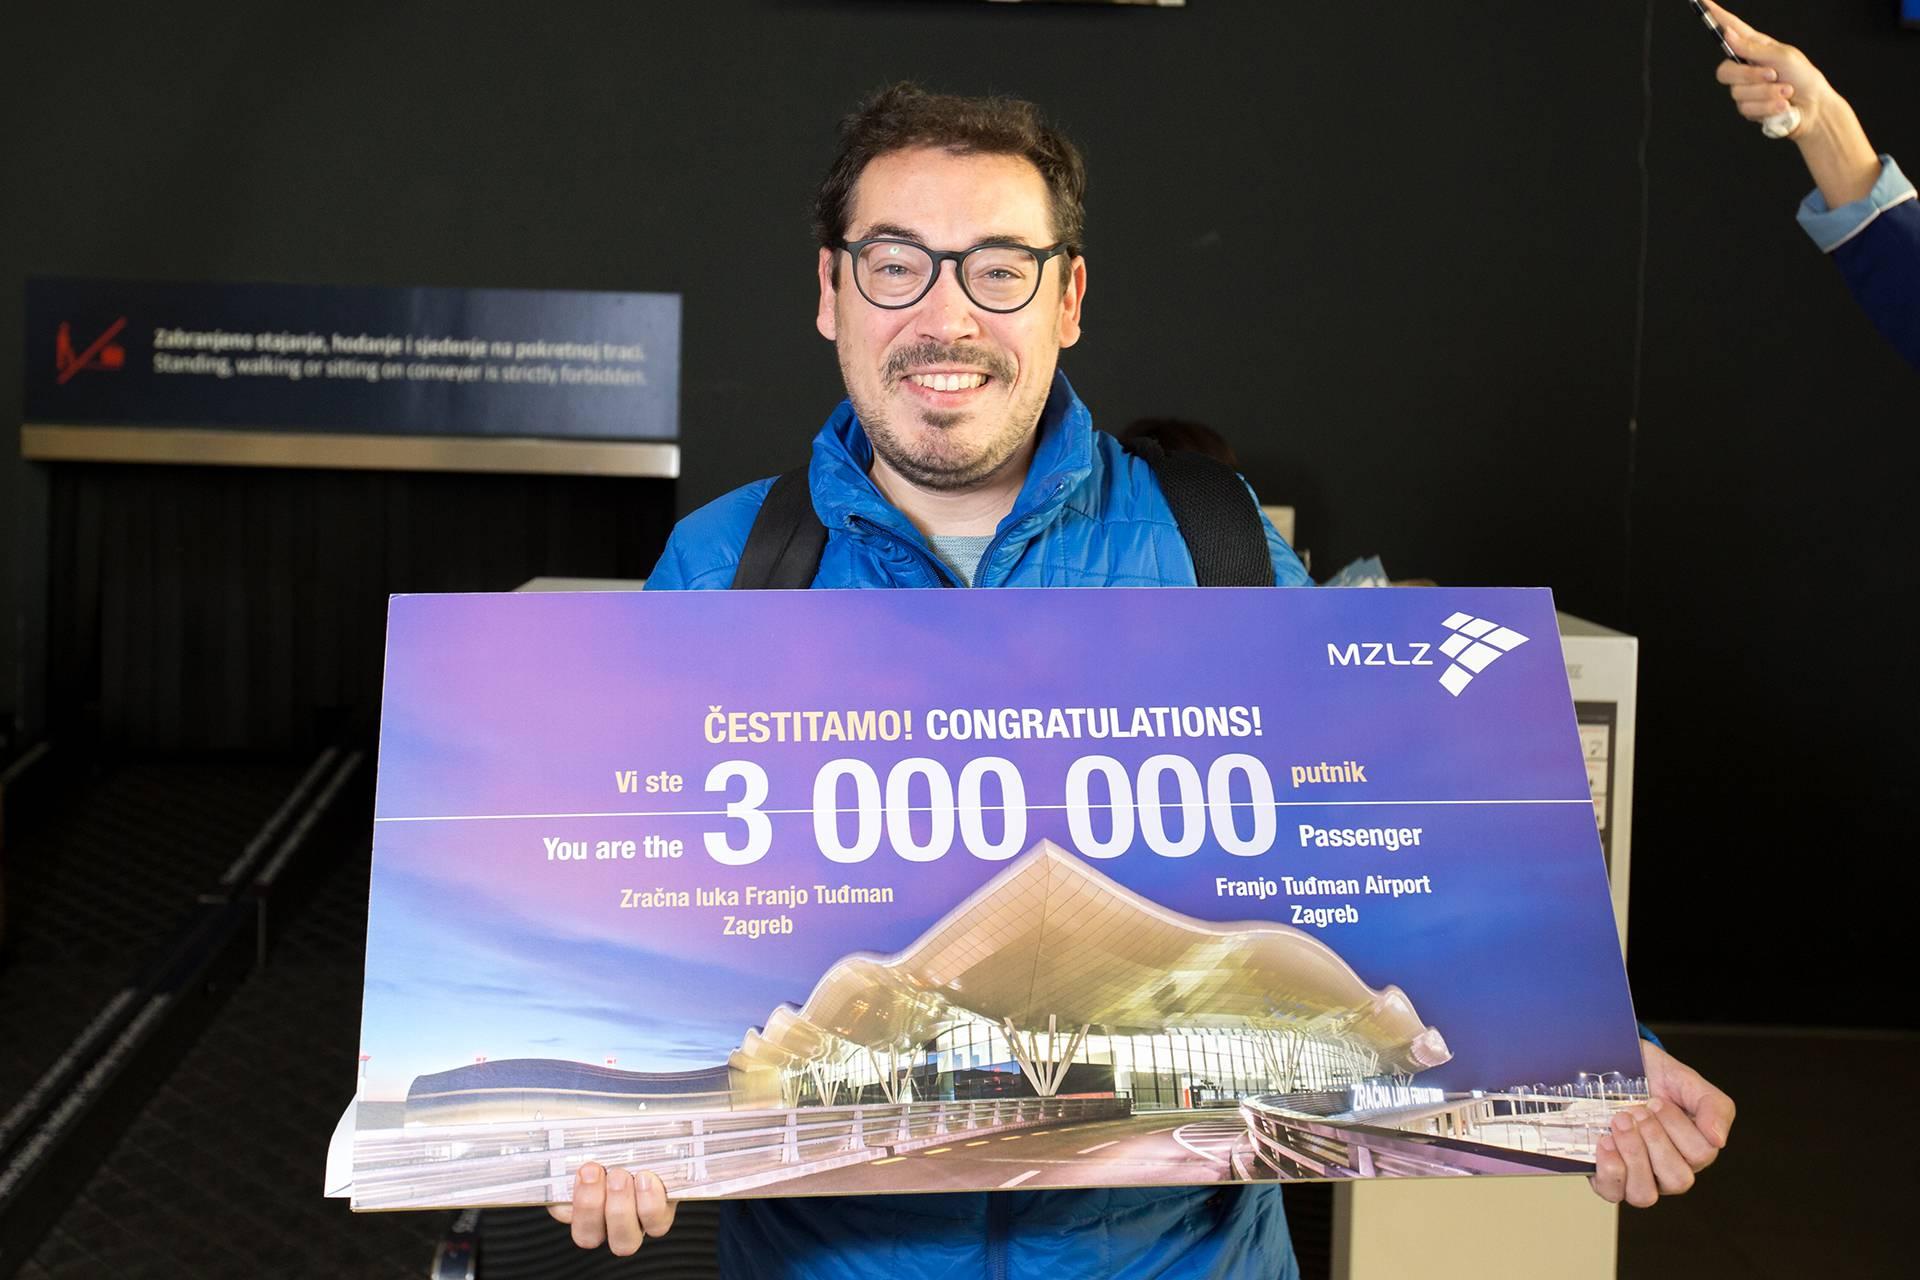 Zračna luka Franjo Tuđman: Čestitali trimilijuntom putniku